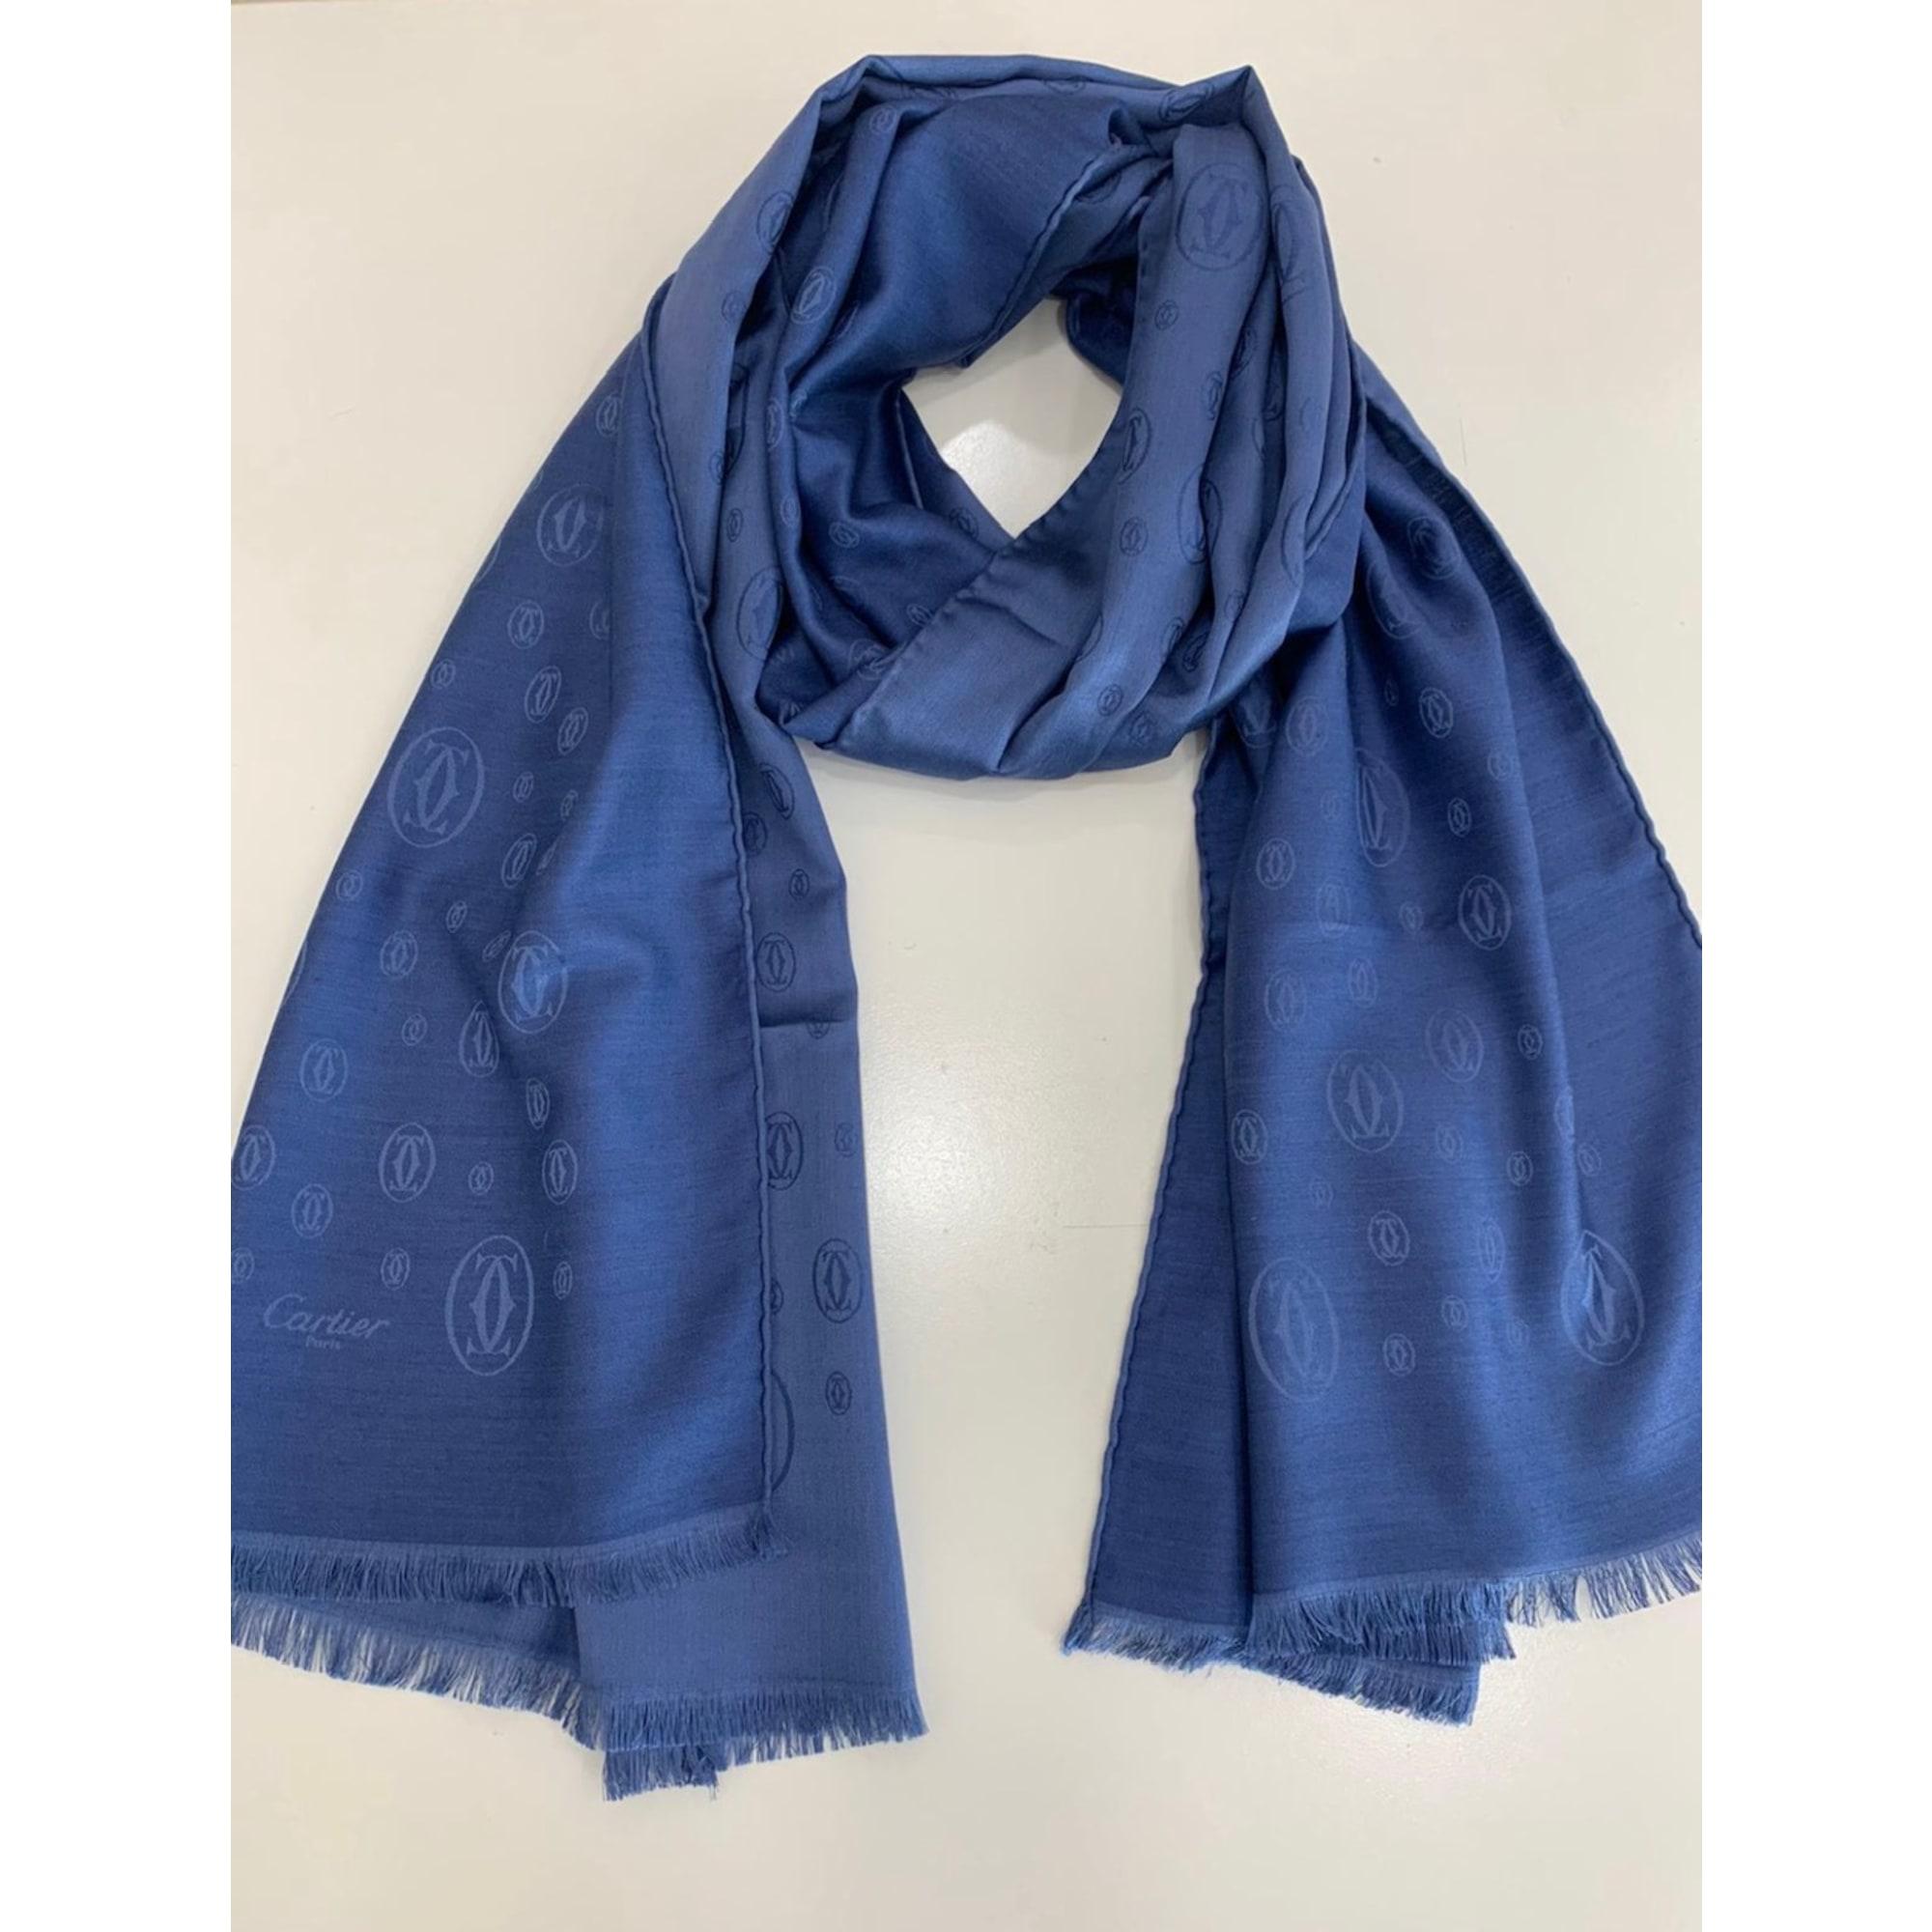 Etole CARTIER Bleu, bleu marine, bleu turquoise